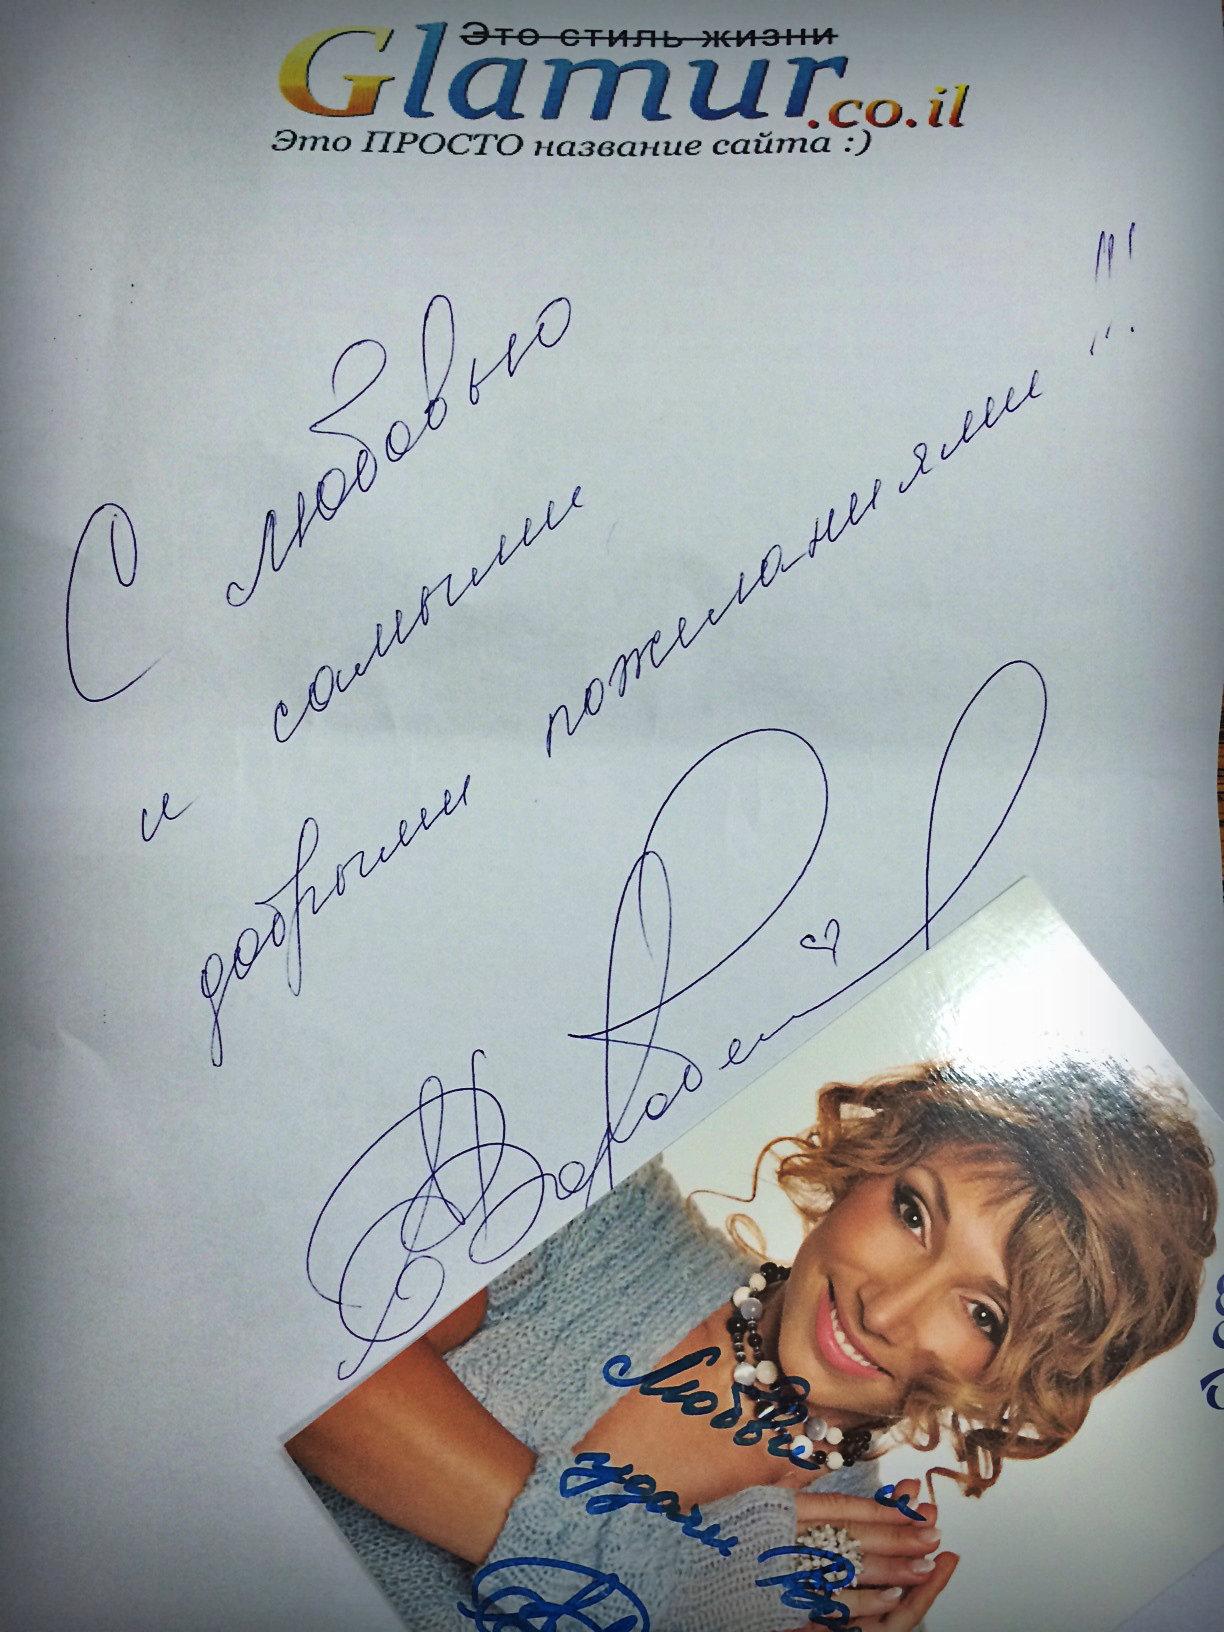 Гастроли Елены Воробей иComedy Dance Show начались!